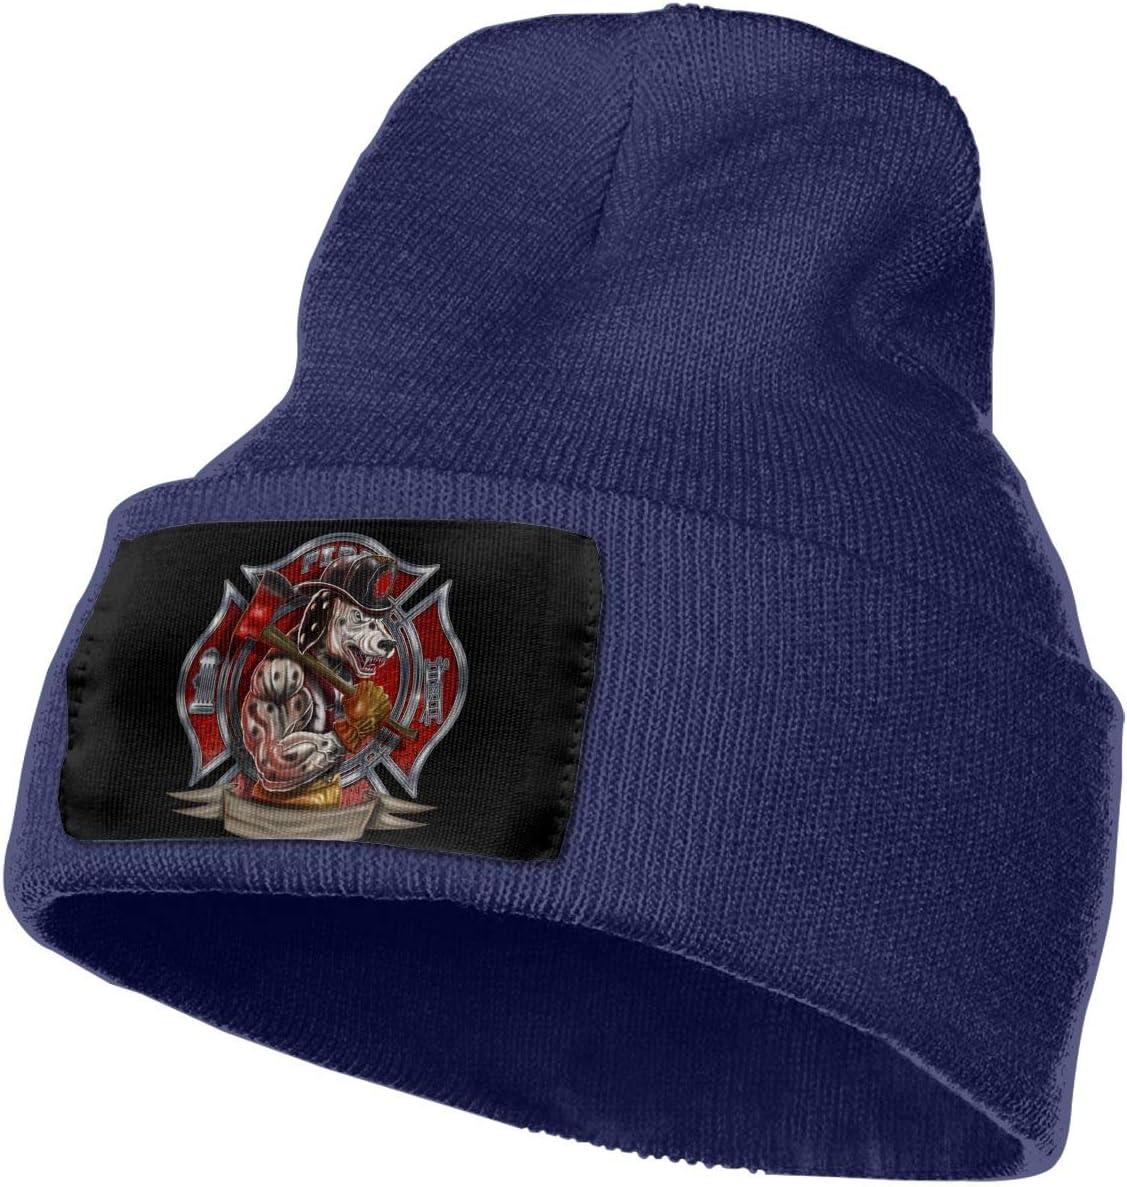 Fire Dept Maltese Cross Muscle Dalmation Dog Firefighter Men/&Women Warm Winter Knit Plain Beanie Hat Skull Cap Acrylic Knit Cuff Hat